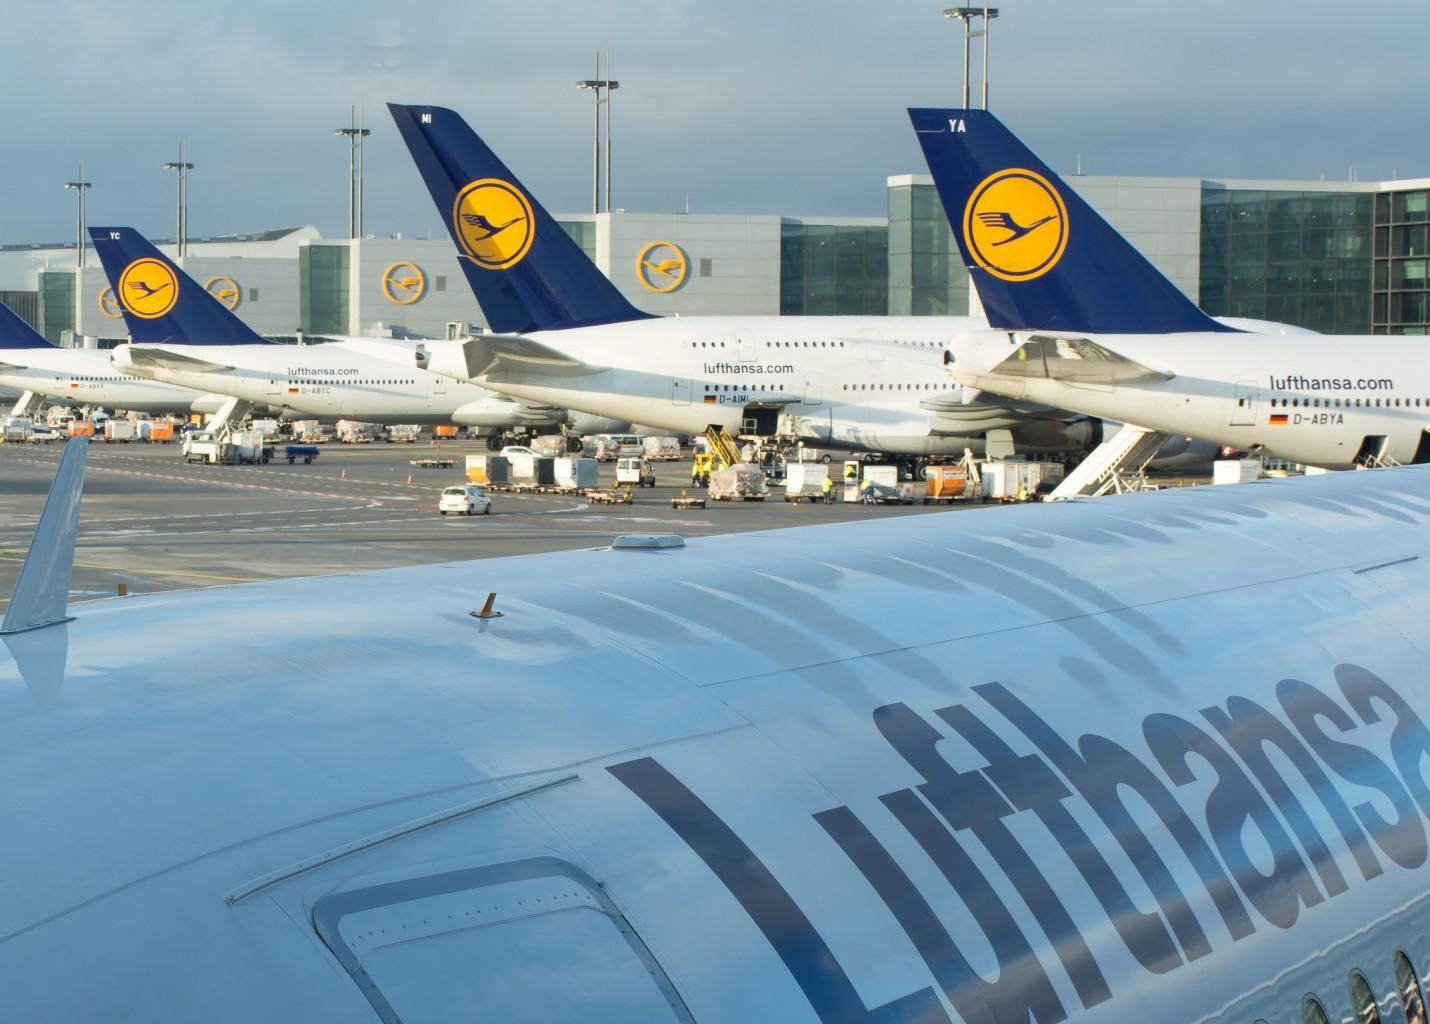 Lufthansa transporta 108 milhões de passageiros em 2015 e lucra € 1,7 bilhão